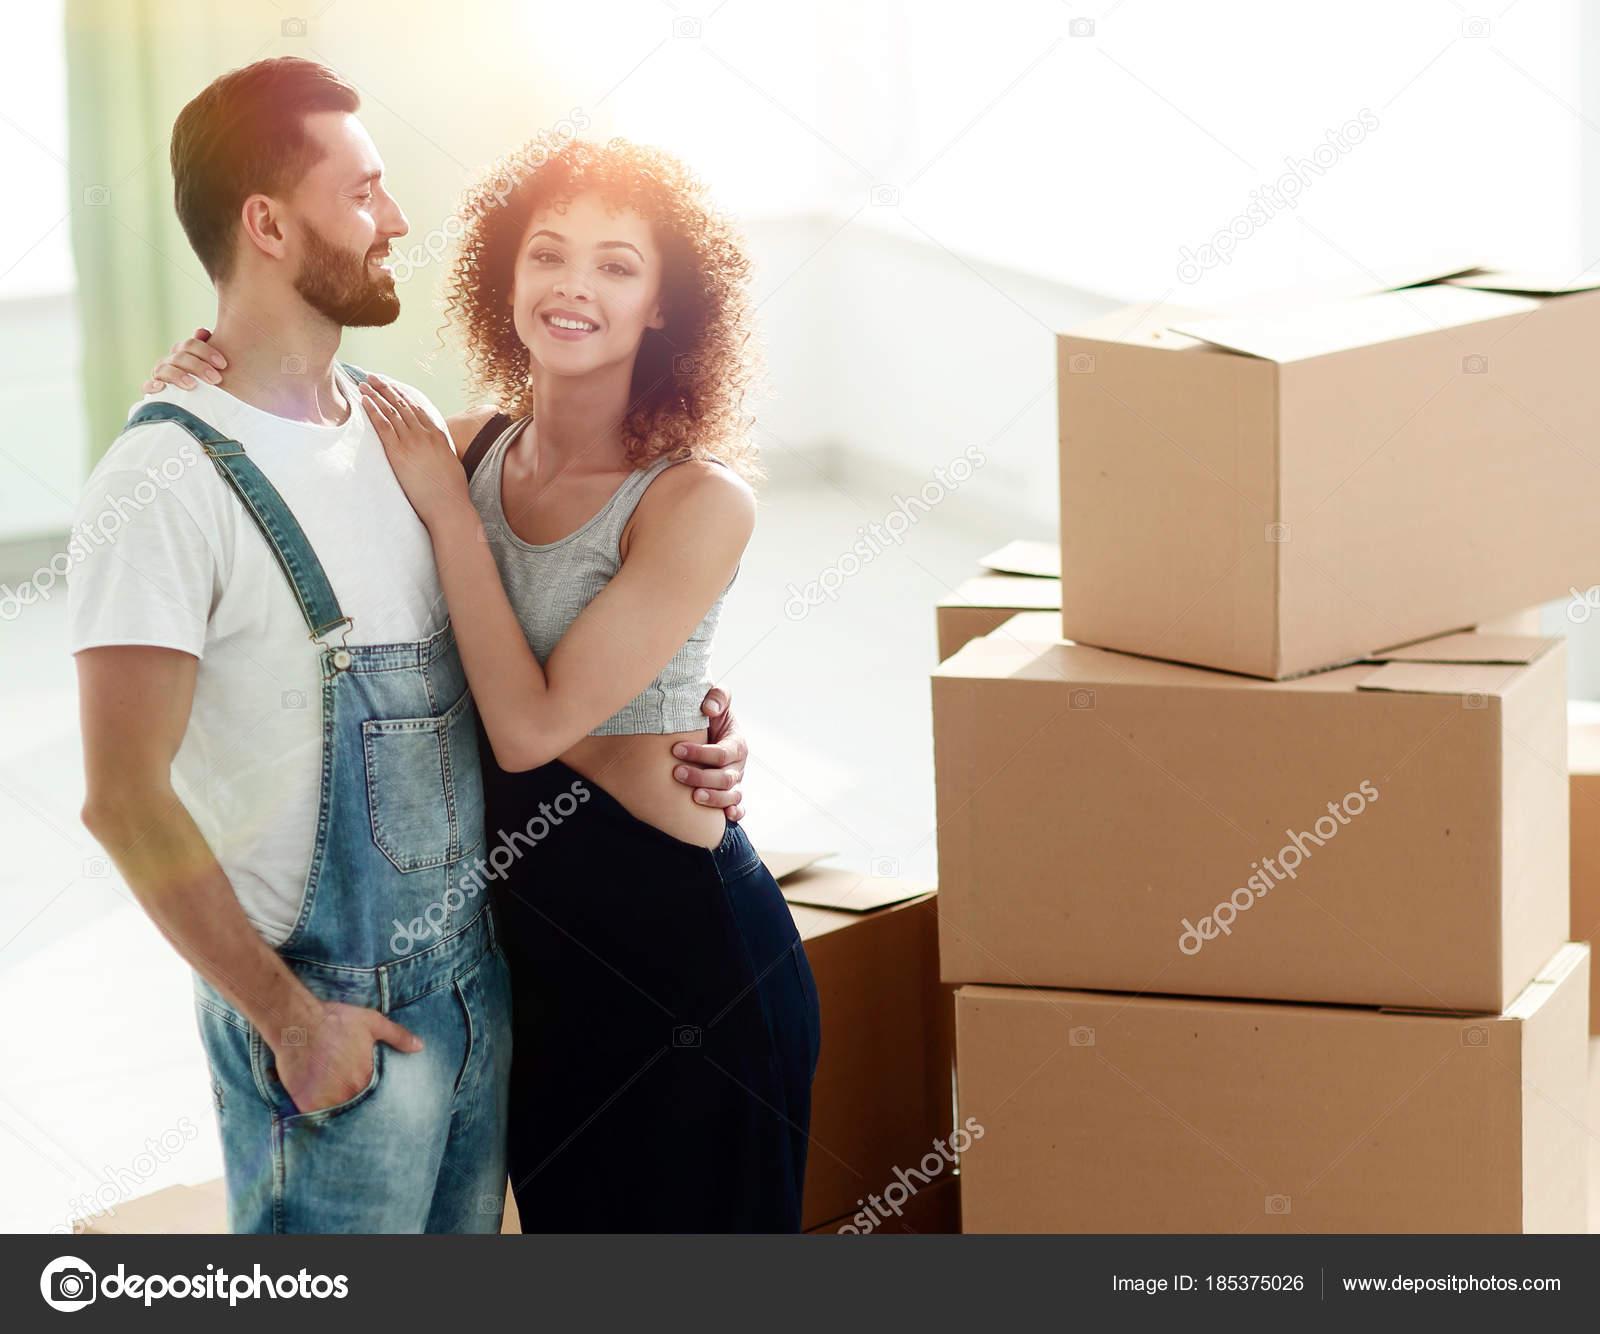 jeune couple heureux d m nagement achat d habitations neuves photographie depositedhar. Black Bedroom Furniture Sets. Home Design Ideas